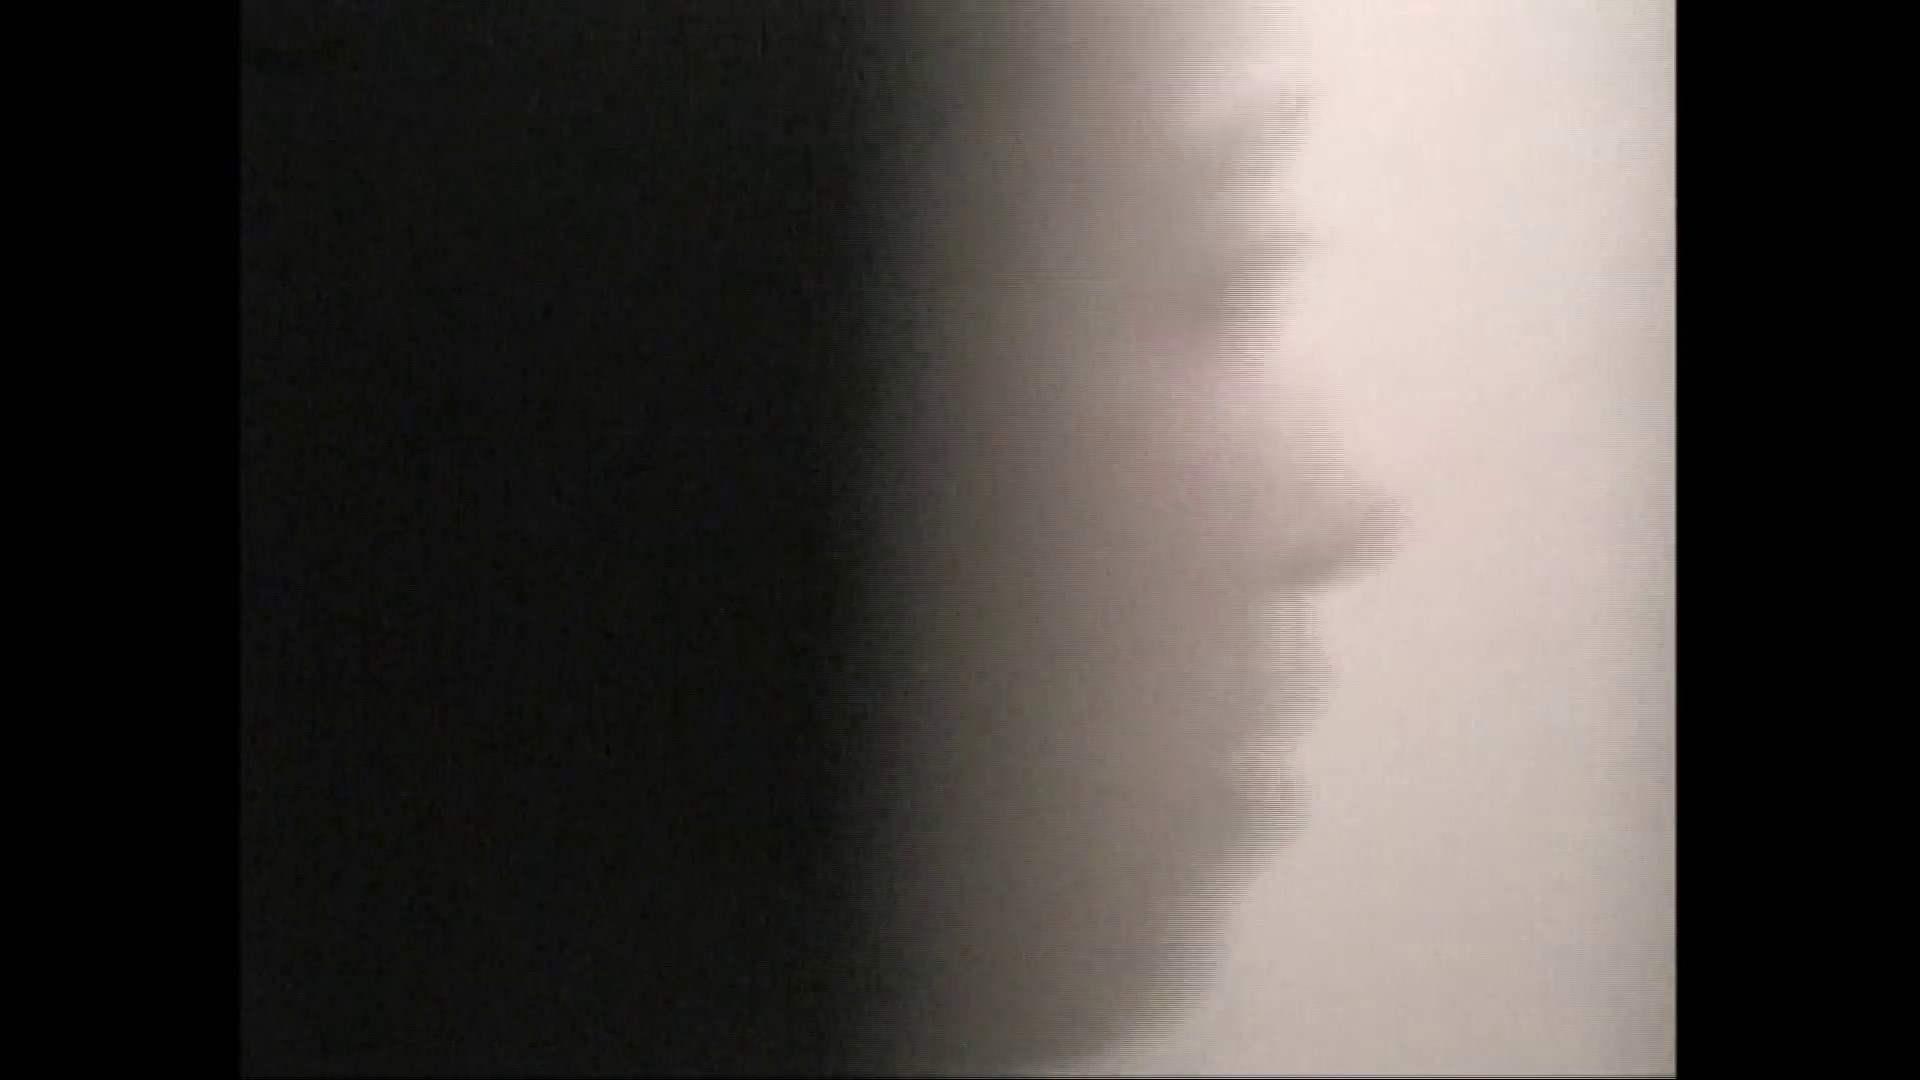 隙間からノゾク風呂 Vol.29 股をグイッとひらいて・・・。 OL   入浴シーン  89連発 10